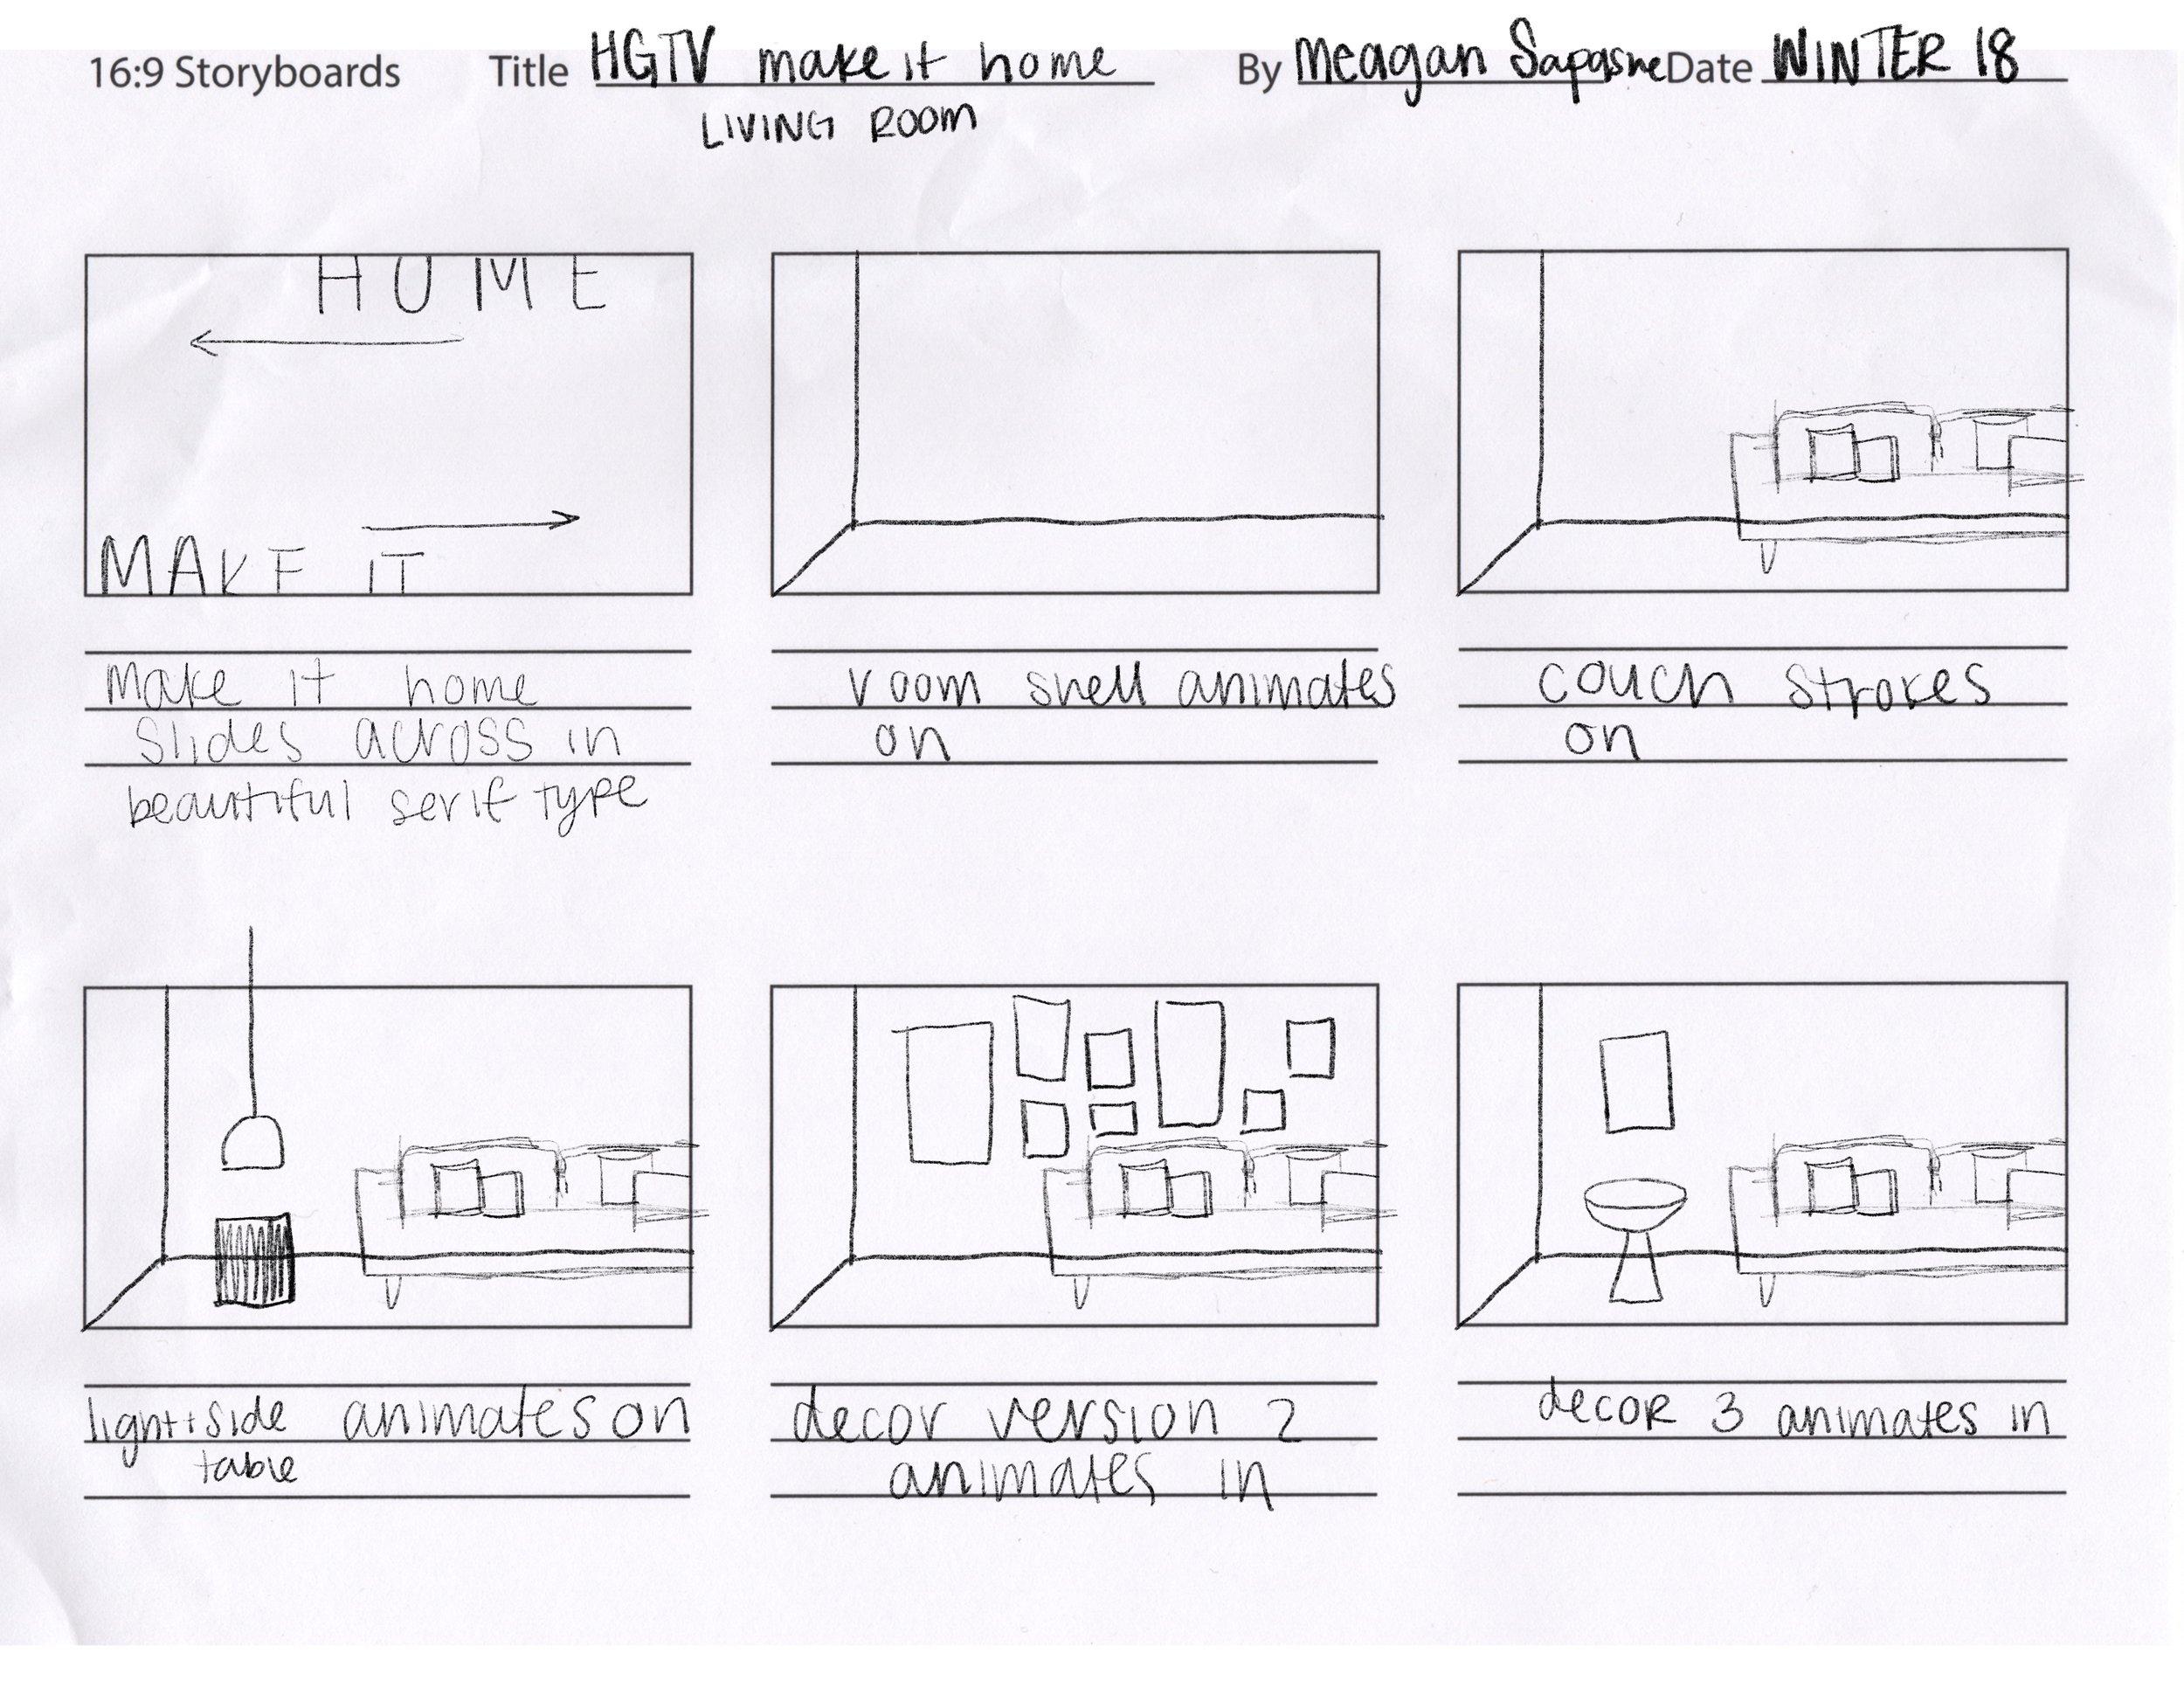 LivingRoom_Storyboard_1.JPG